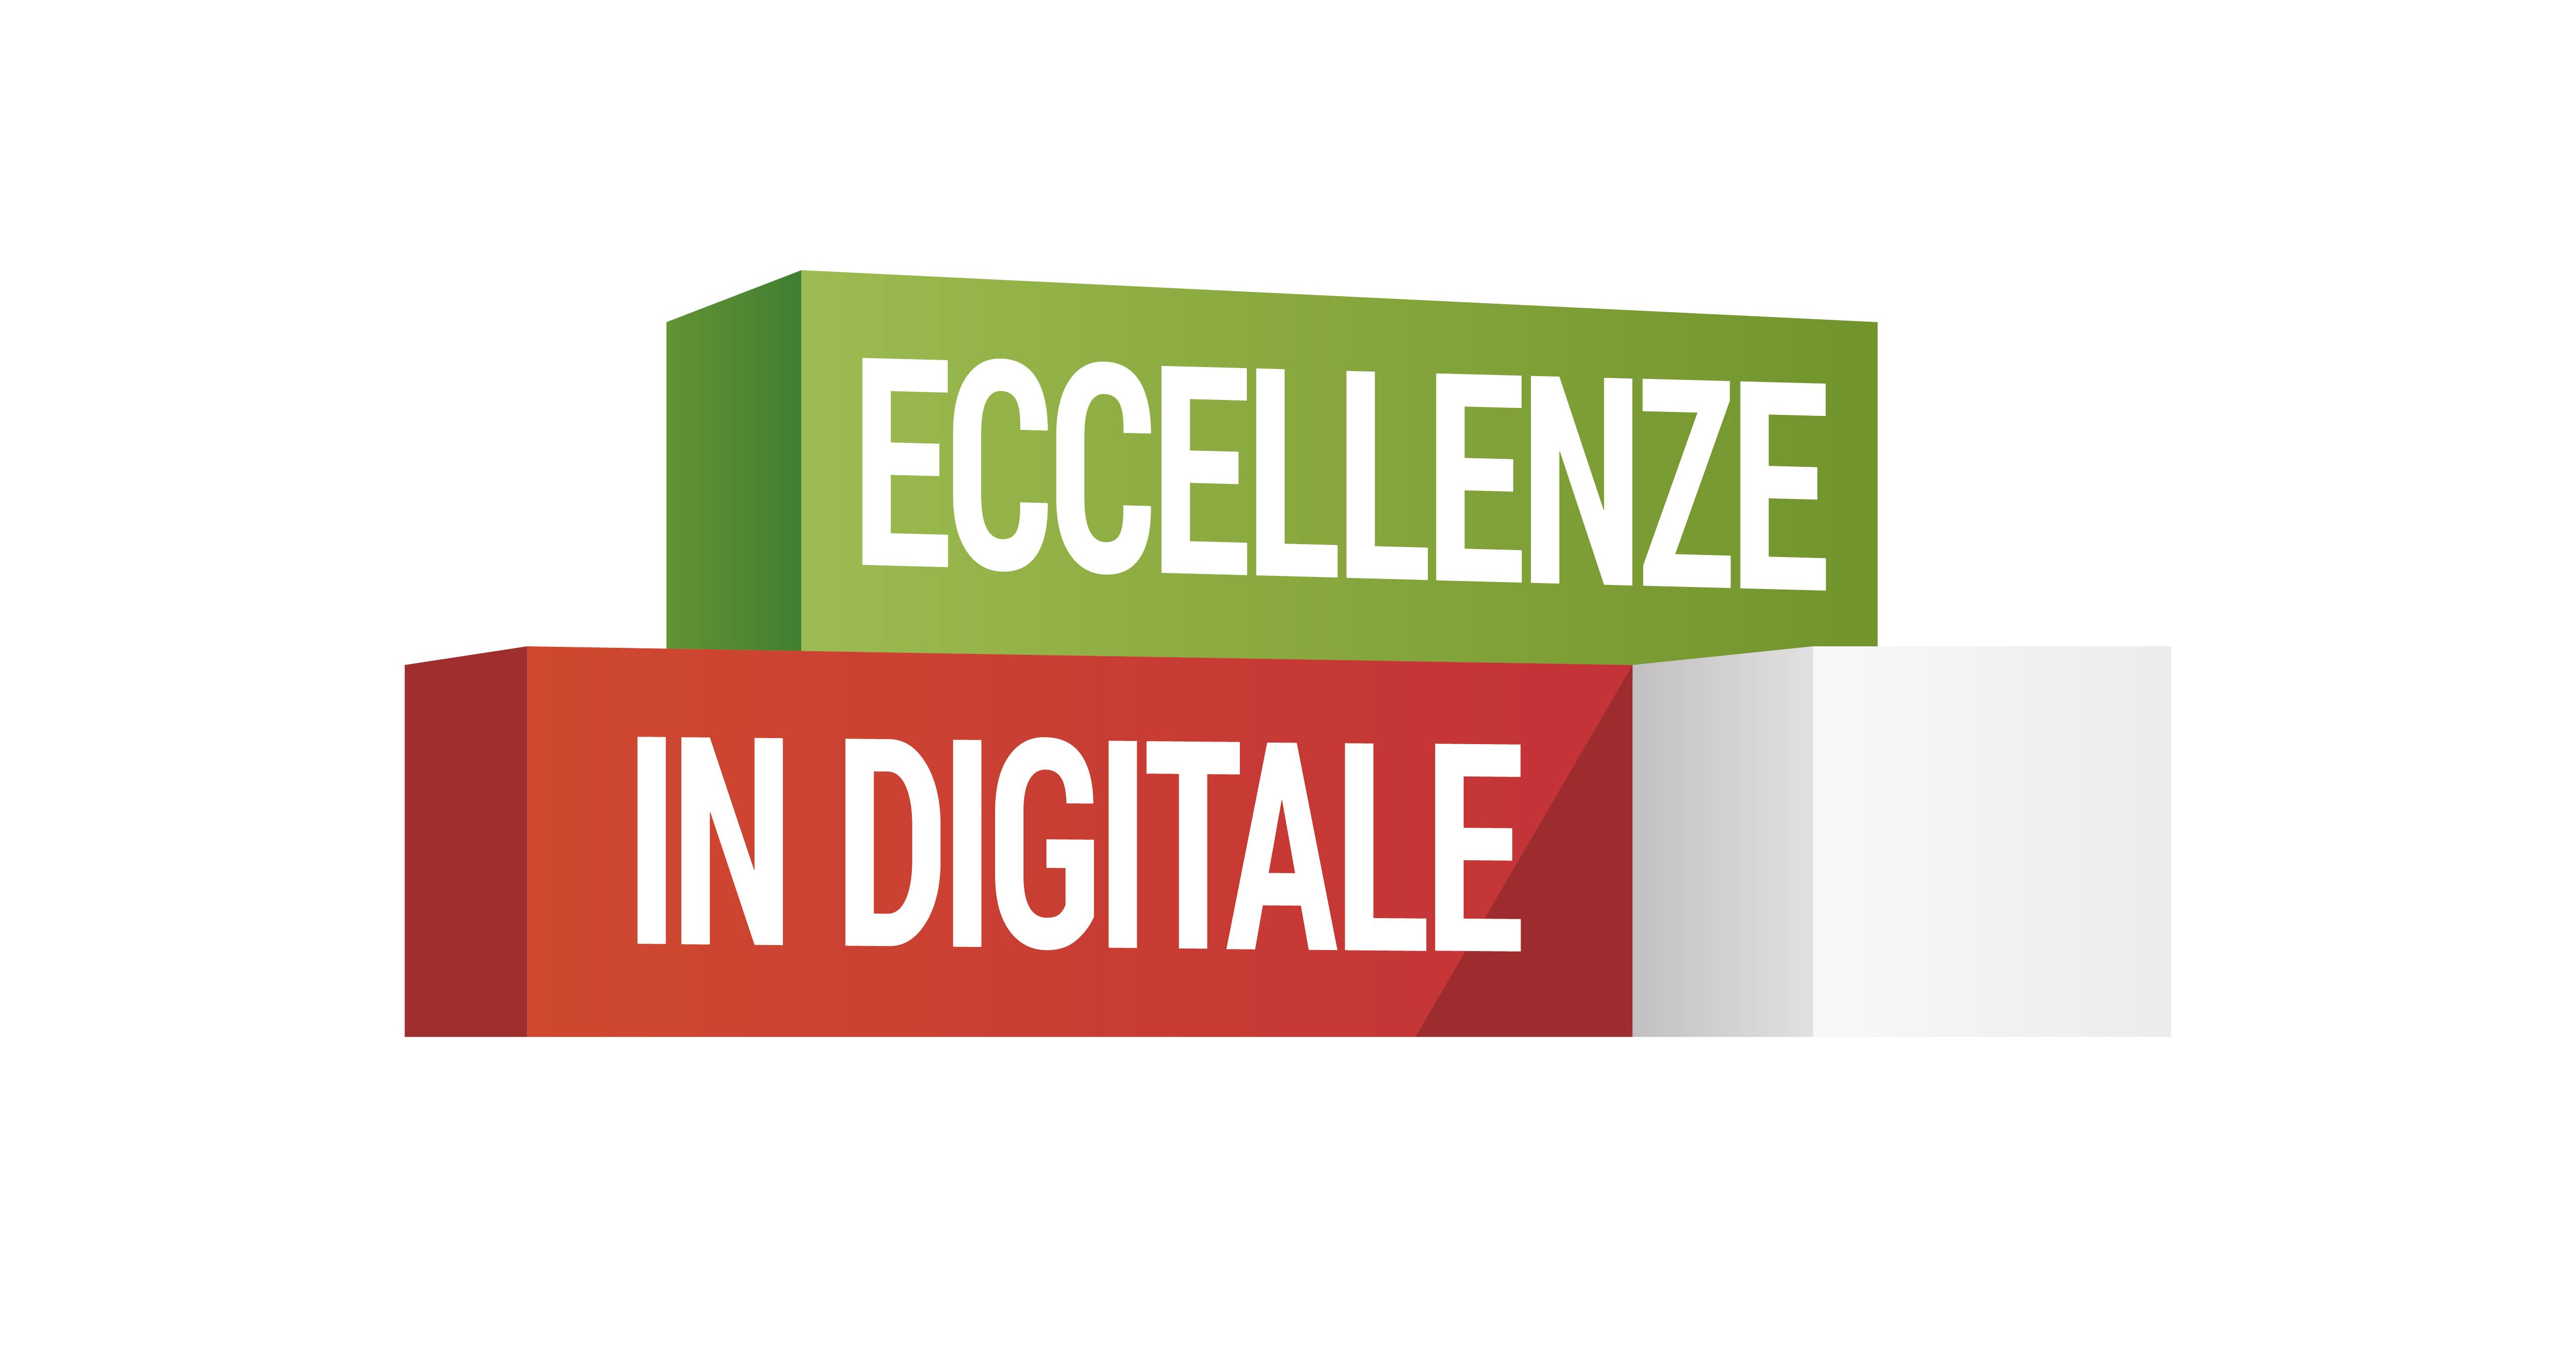 Eccellenze in digitale: Mobile e Cloud, appuntamento il 28 aprile 2017